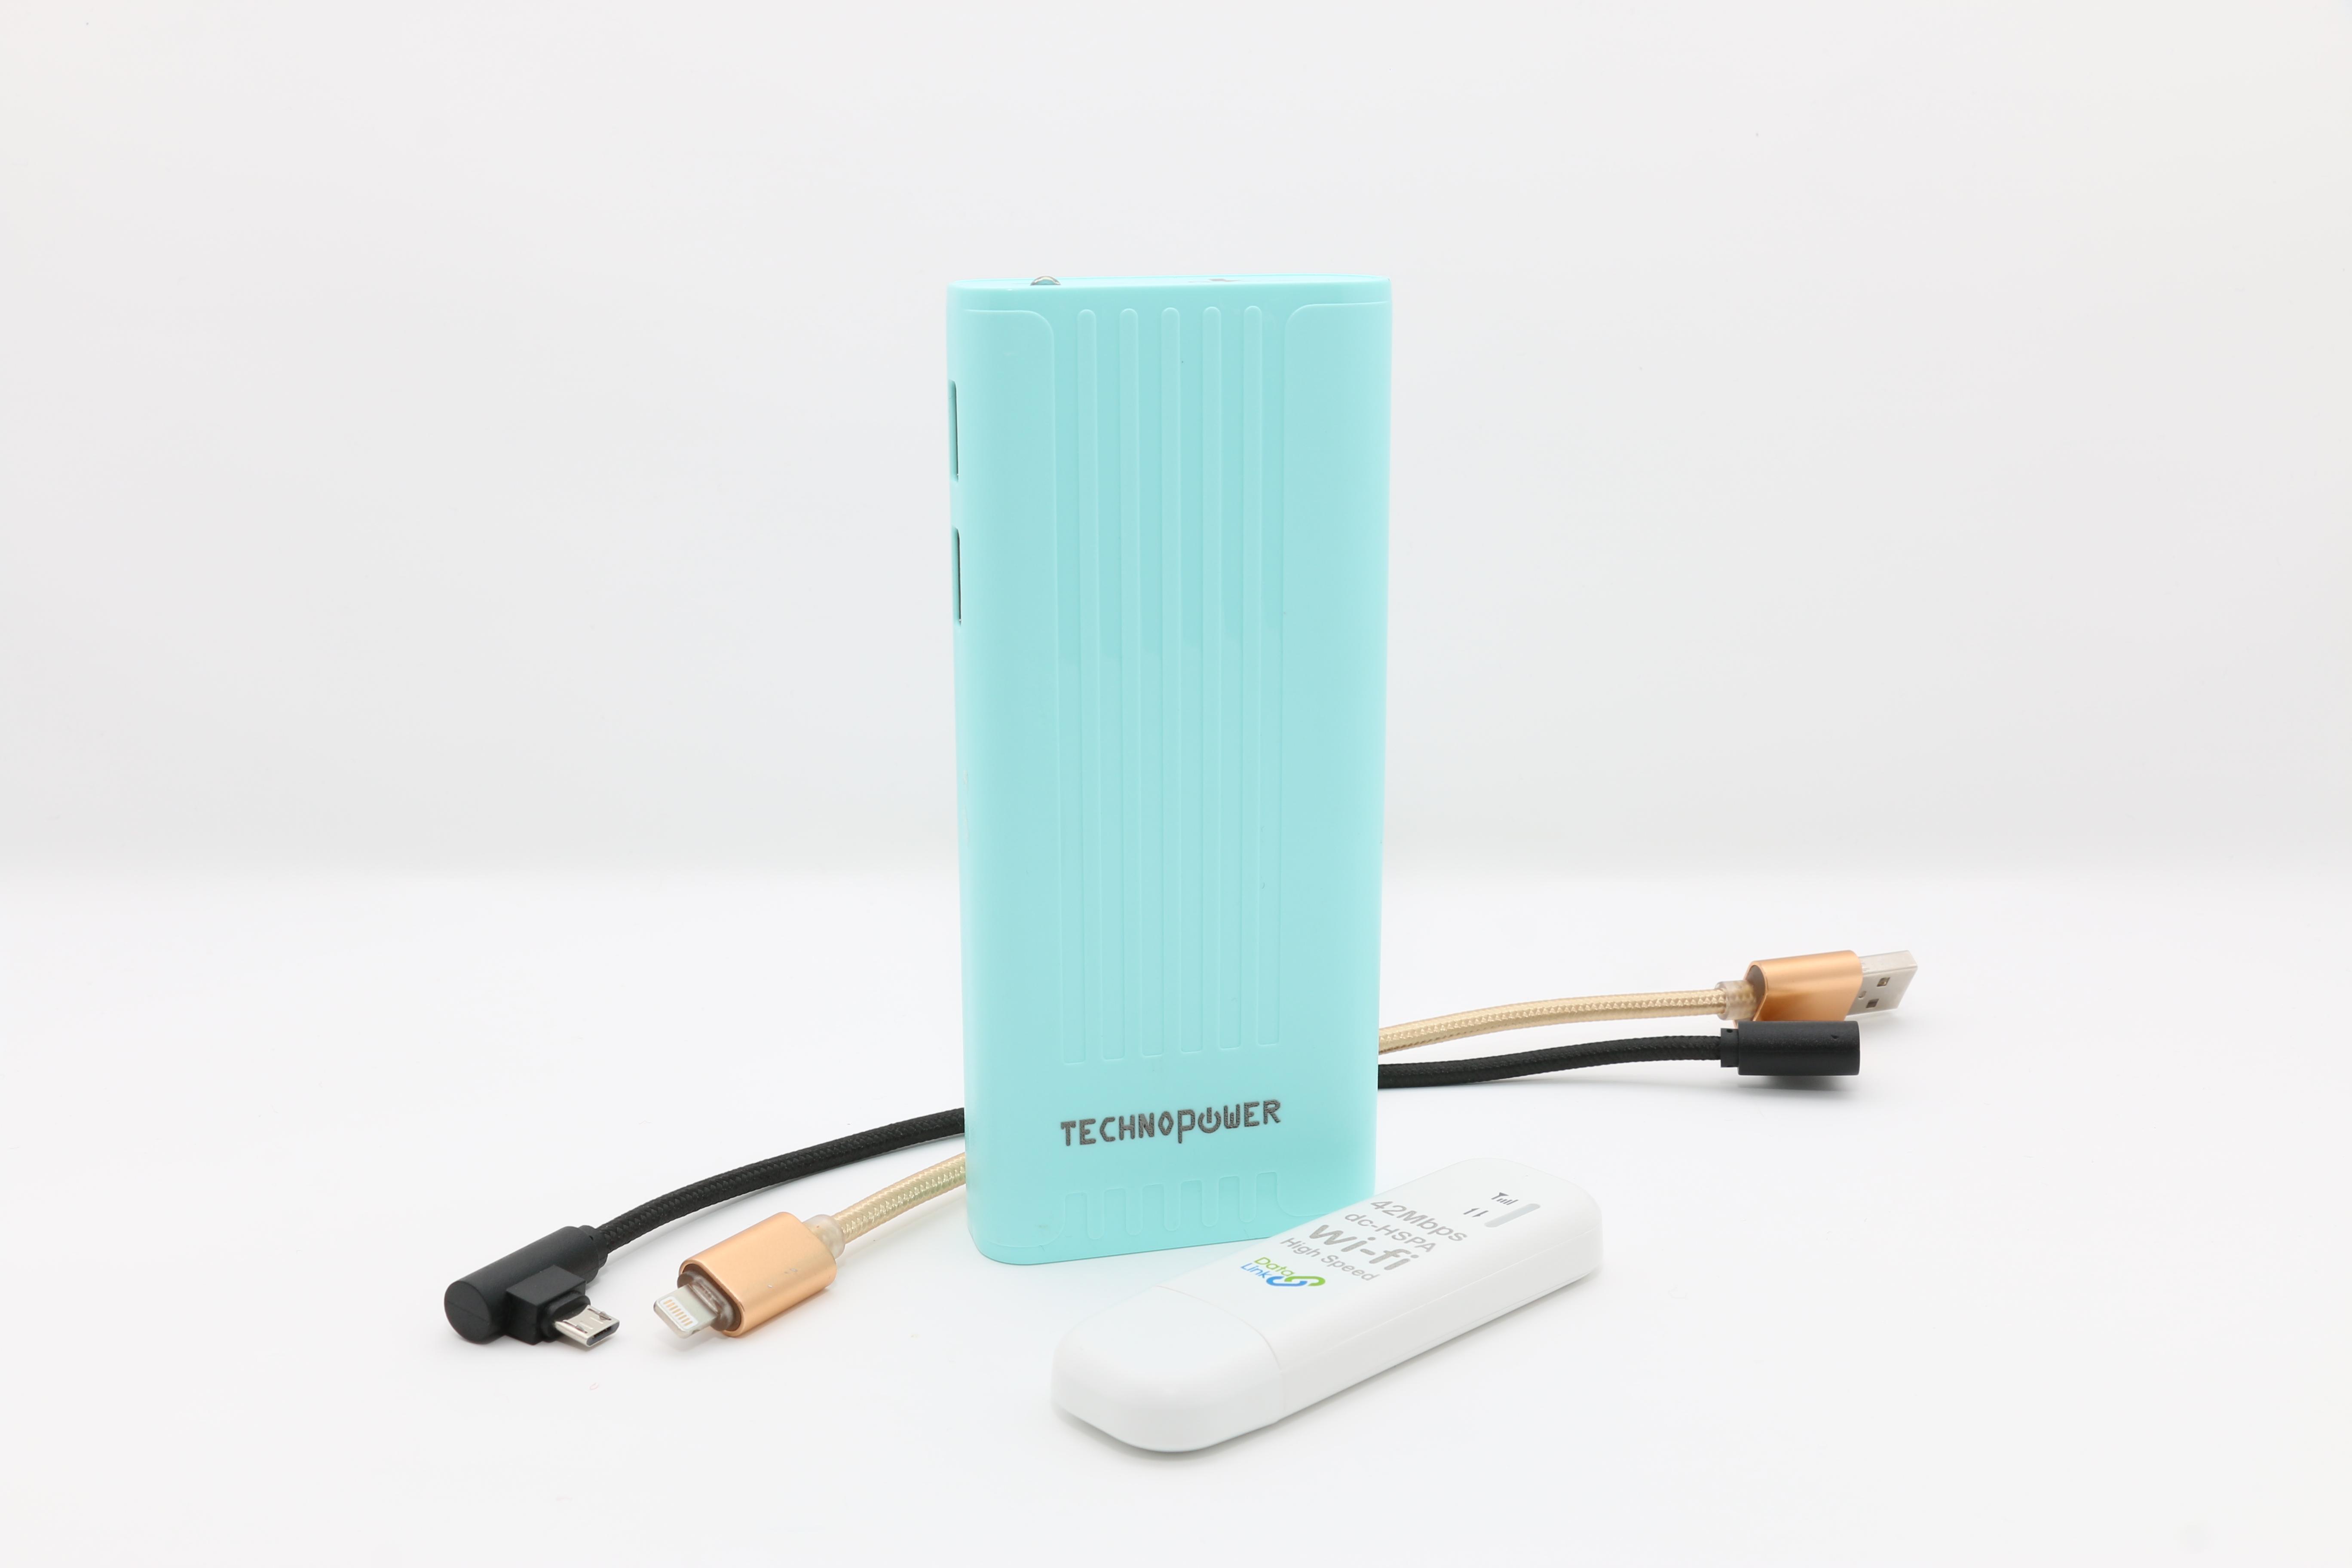 تكنو باور  بنك أزرق  سعة 10000 مللي أمبير مع راوتر - واي فاي USB